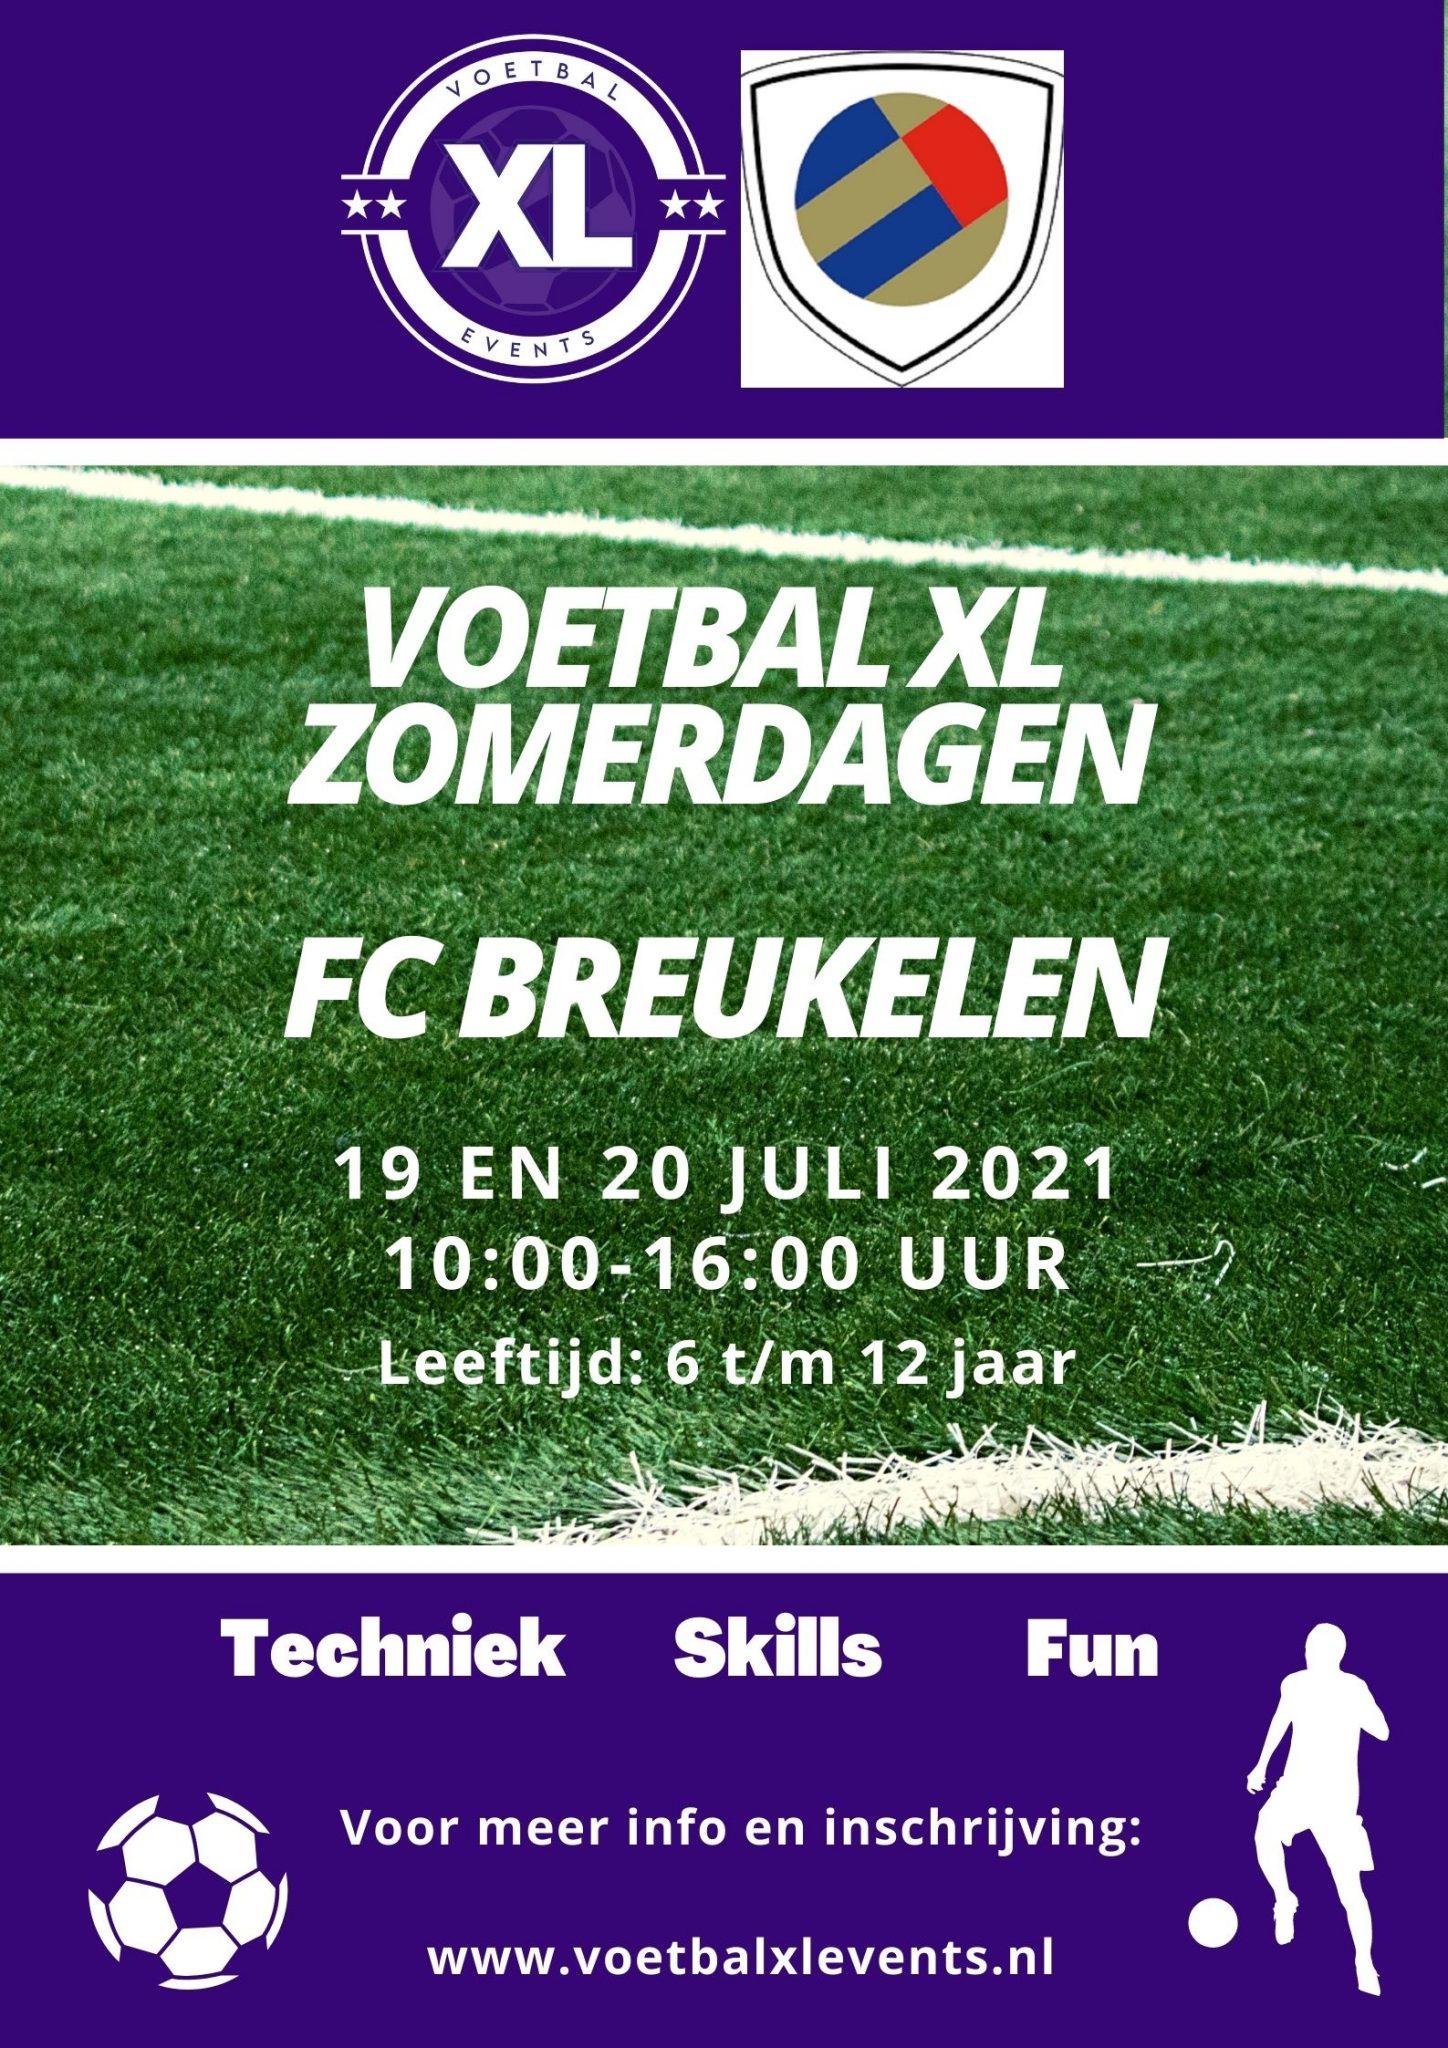 Voetbal XL- jeugddagen 19 en 20 juli aanstaande